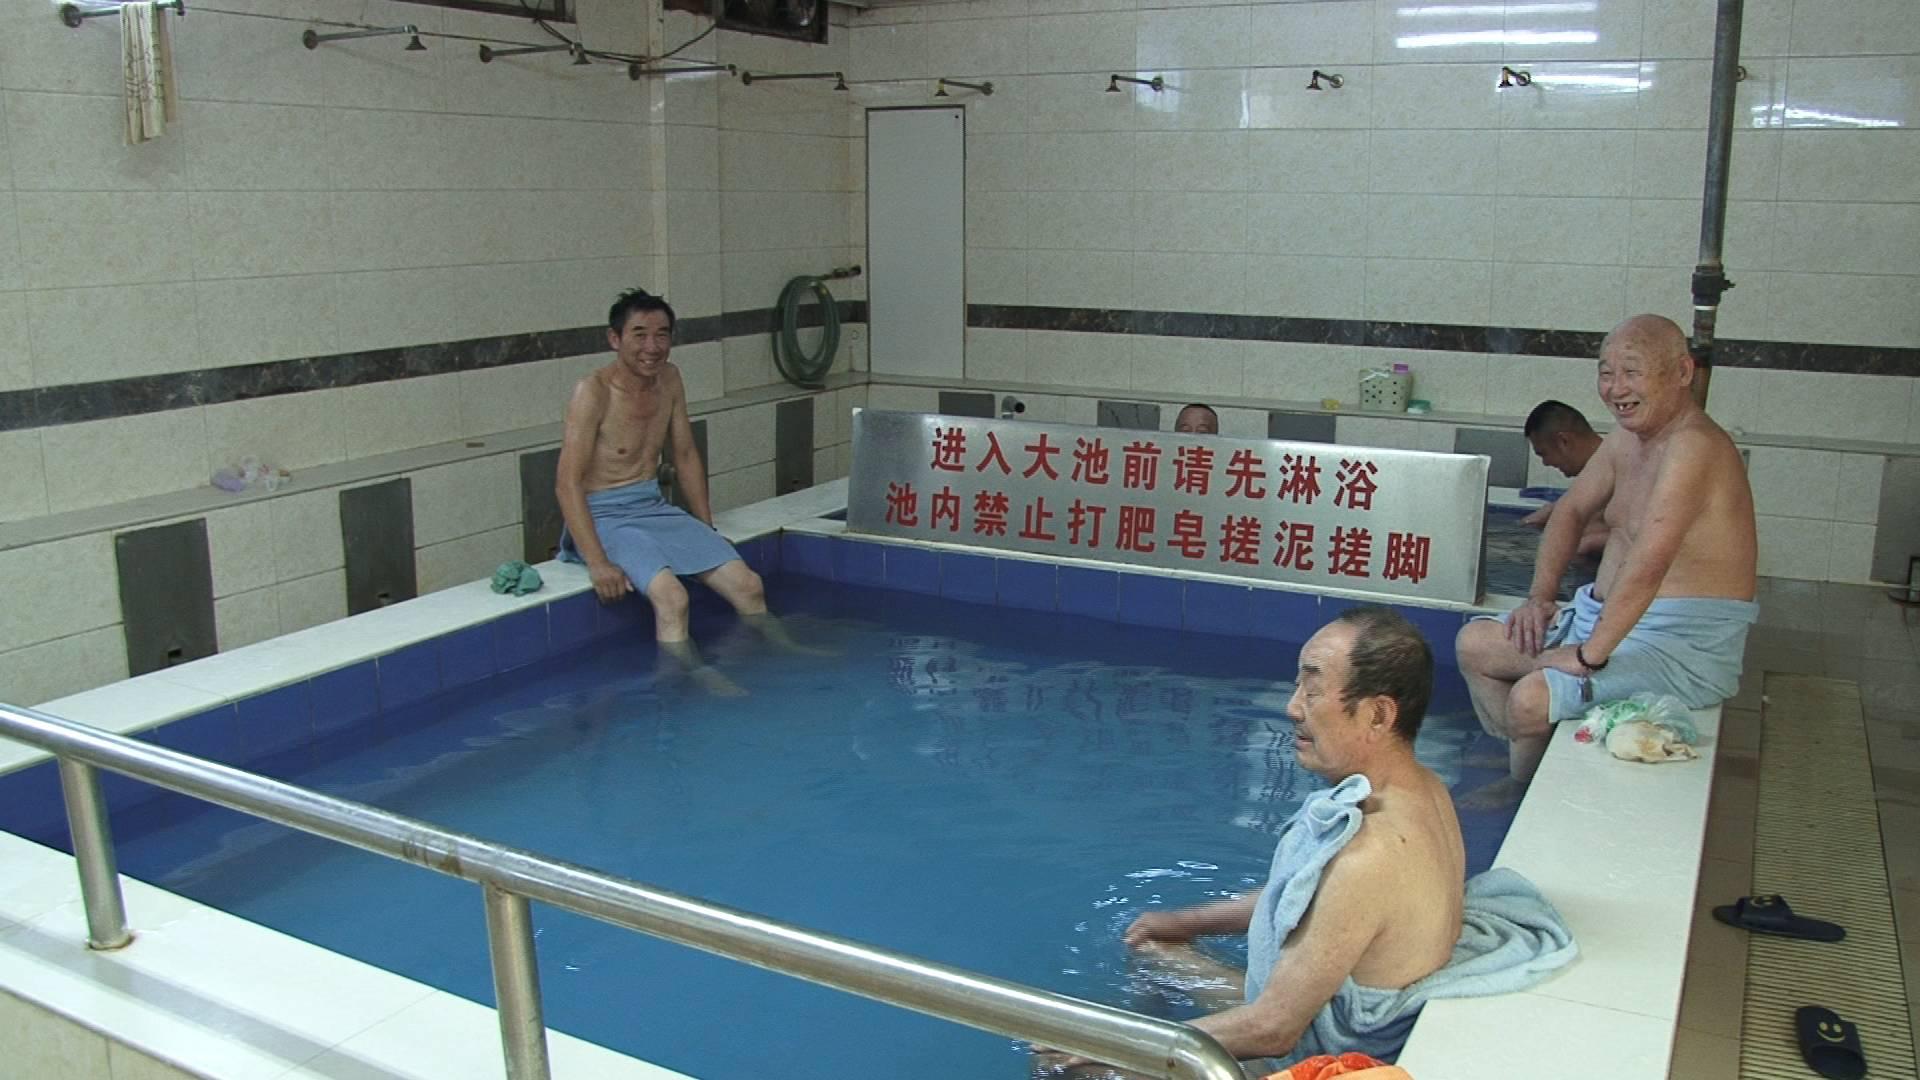 执•业:养生篇|大众浴池VS温泉浴场:泡澡江湖,谁主沉浮?